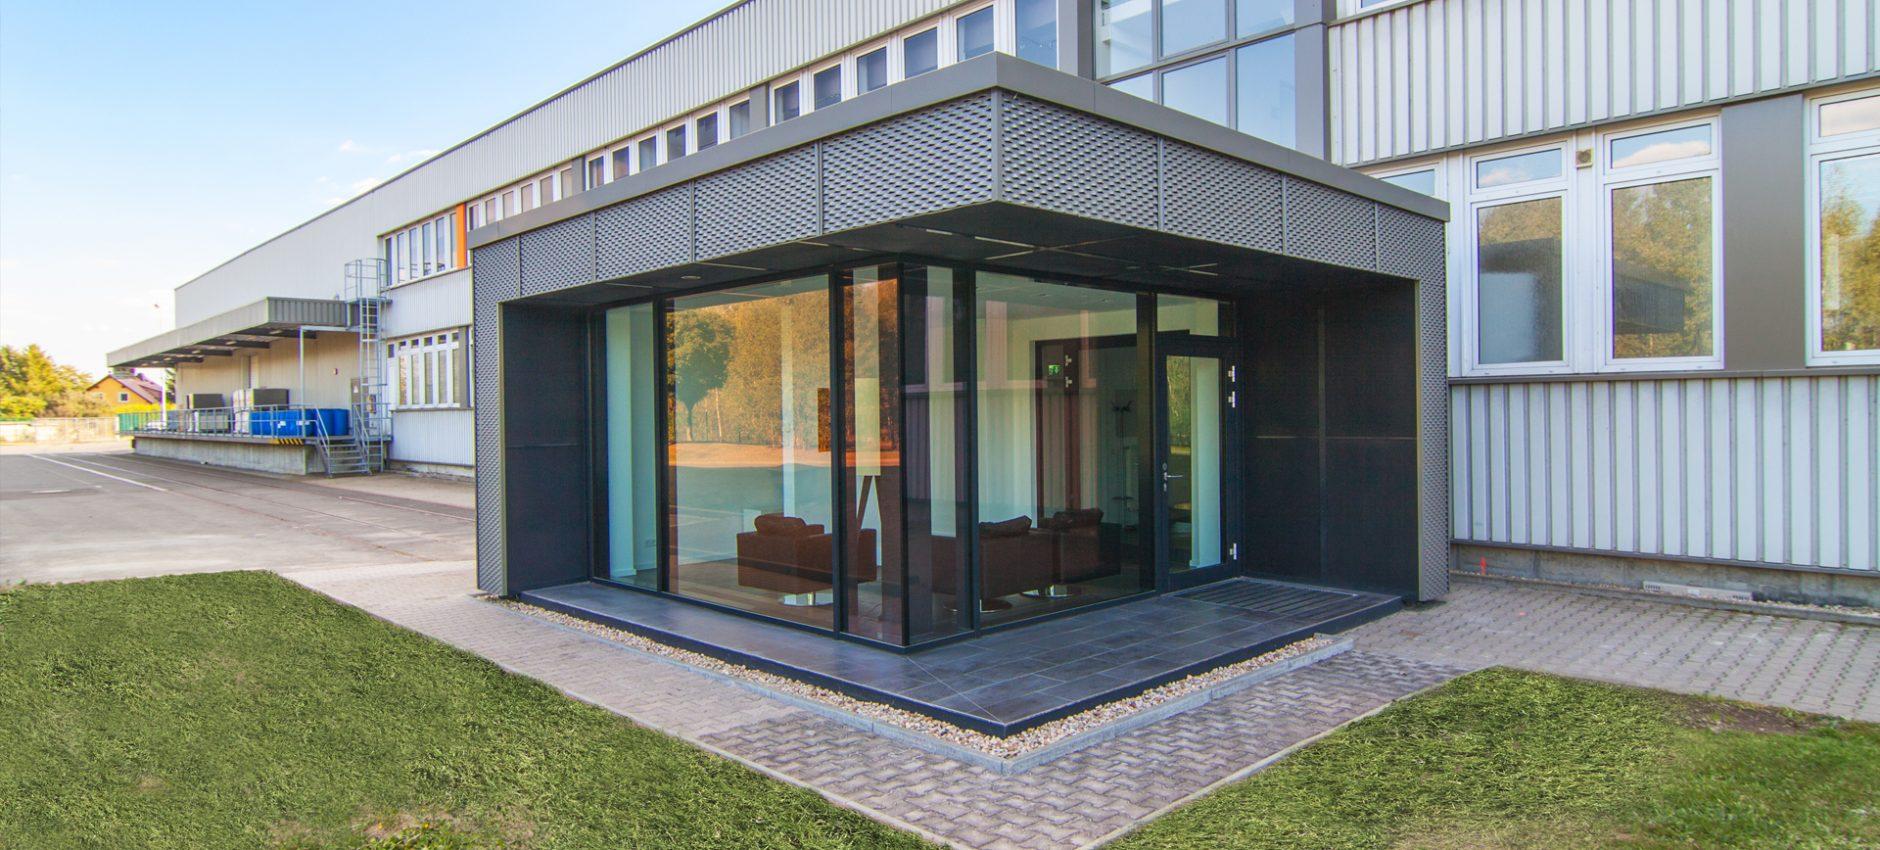 BOKAArchitektur_Hochbau_Mondi_05.jpg